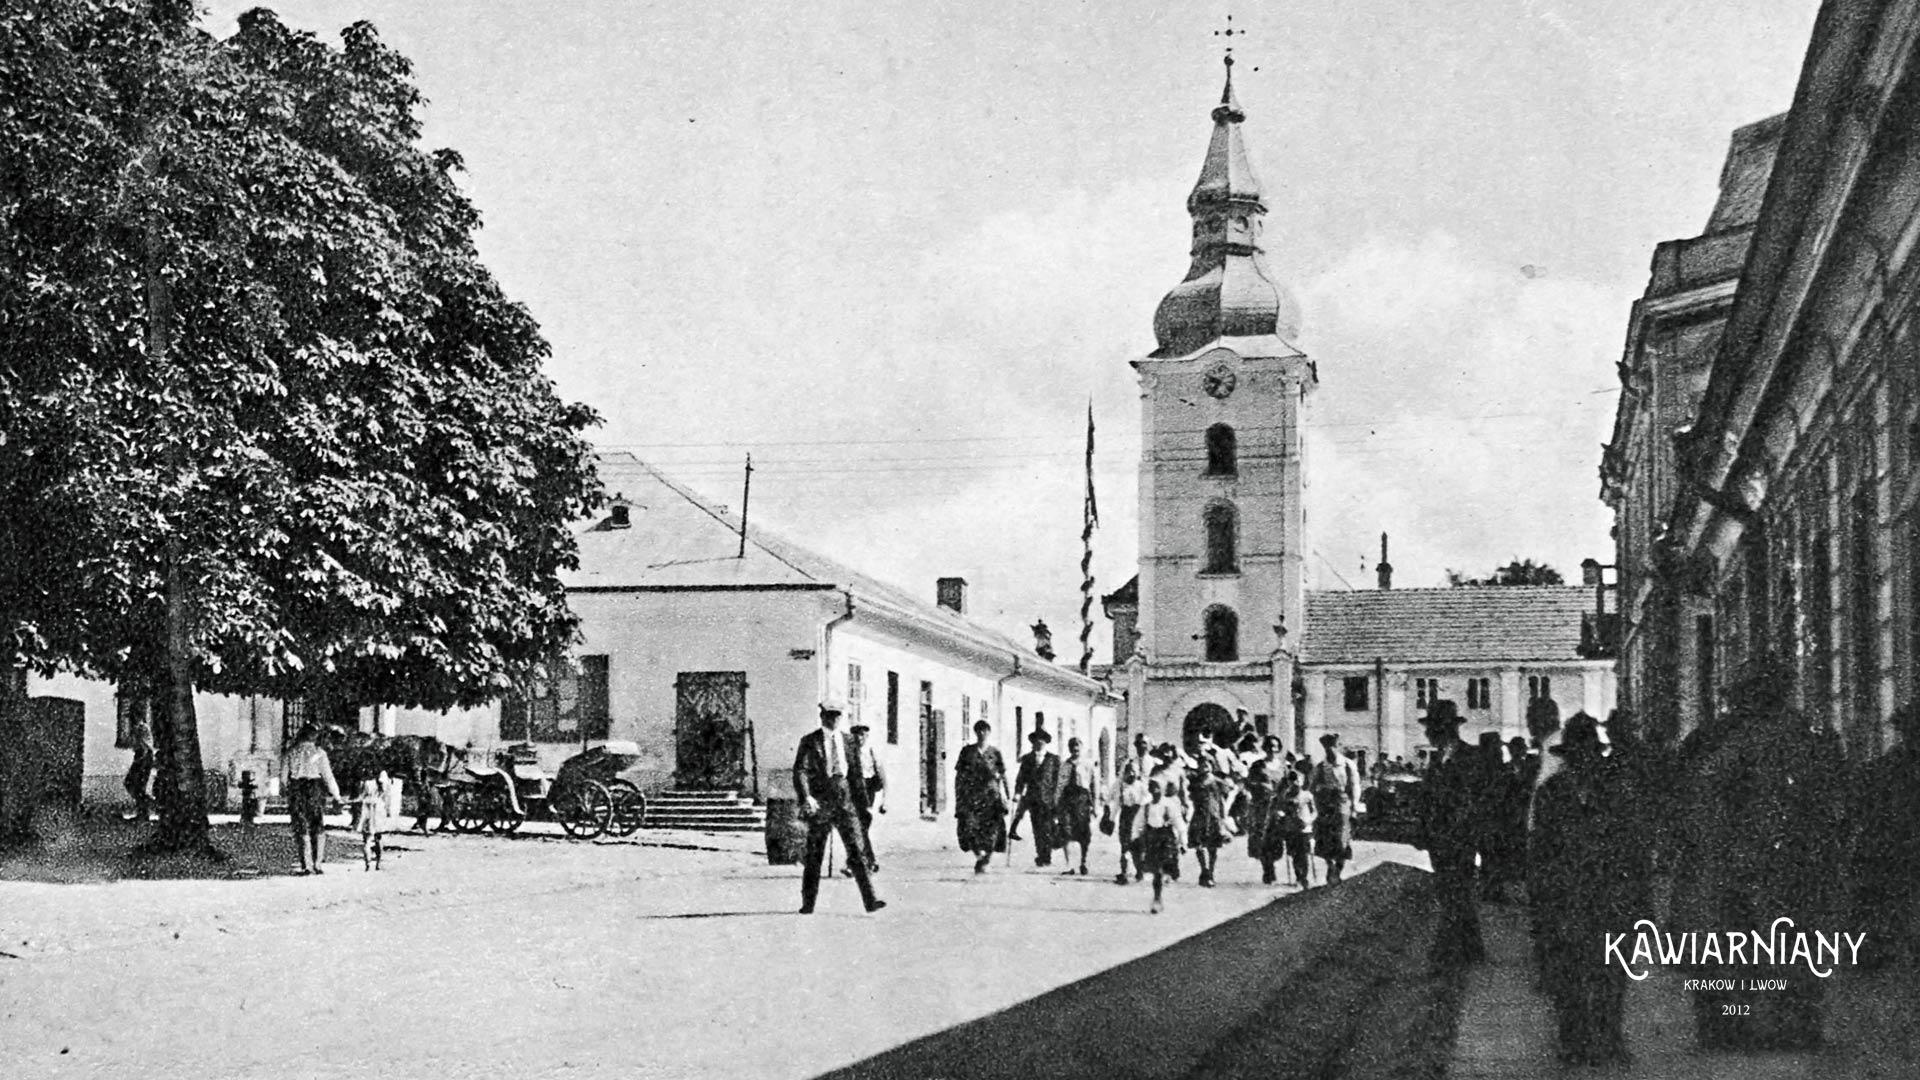 Kościół w Zaleszczykach, po wojnie magazyn i latryna, lata 30-te. Fot. Domena Publiczna